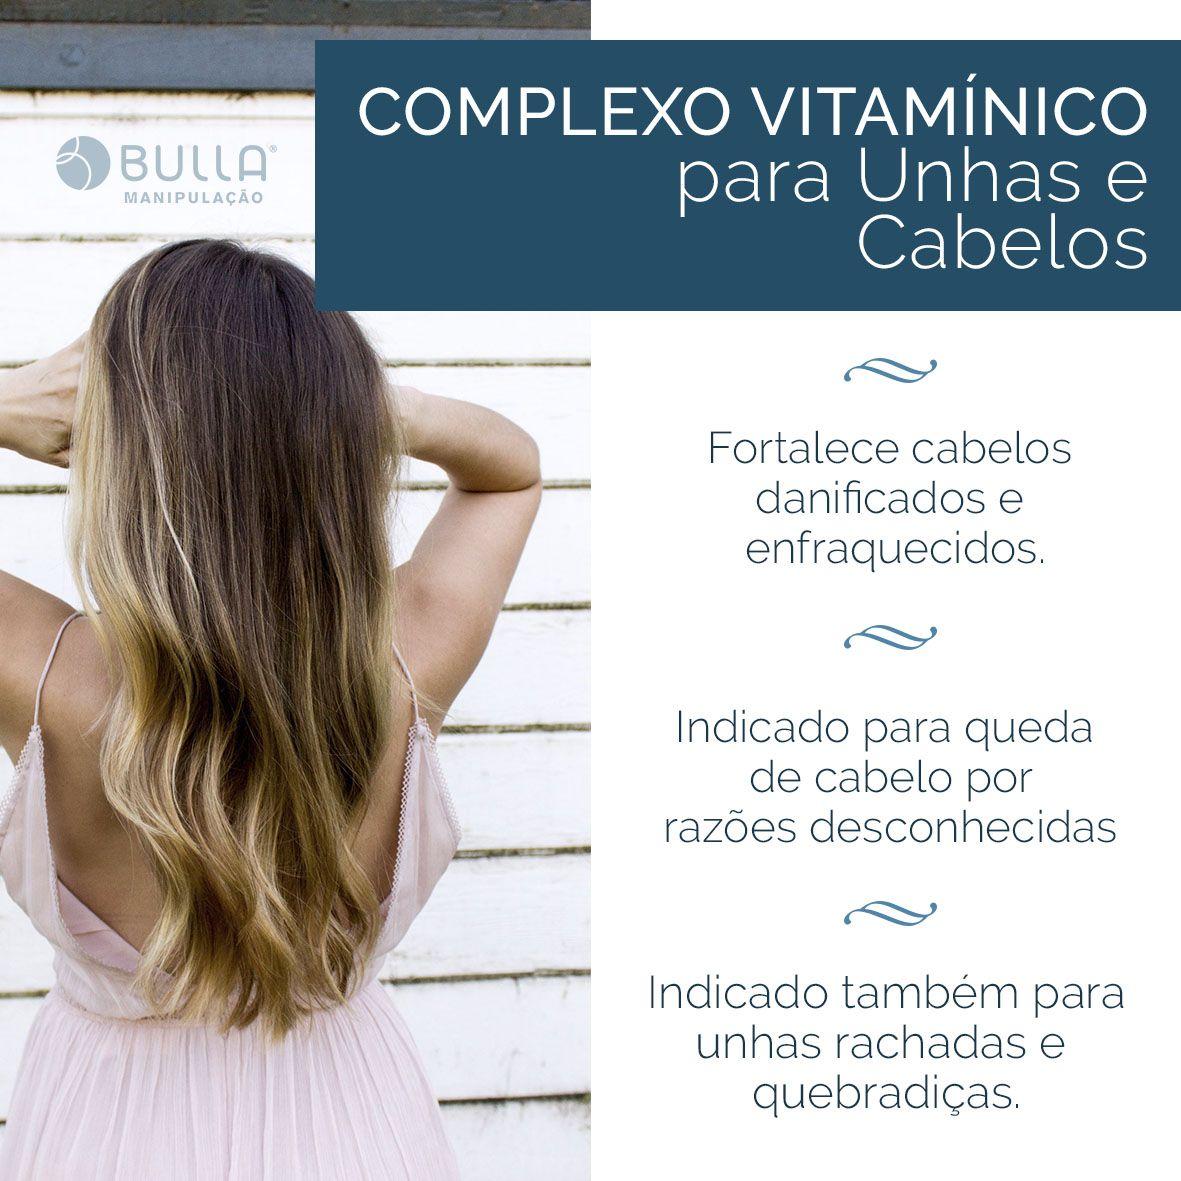 Complexo Vitamínico para Queda de Cabelos - 60 cápsulas